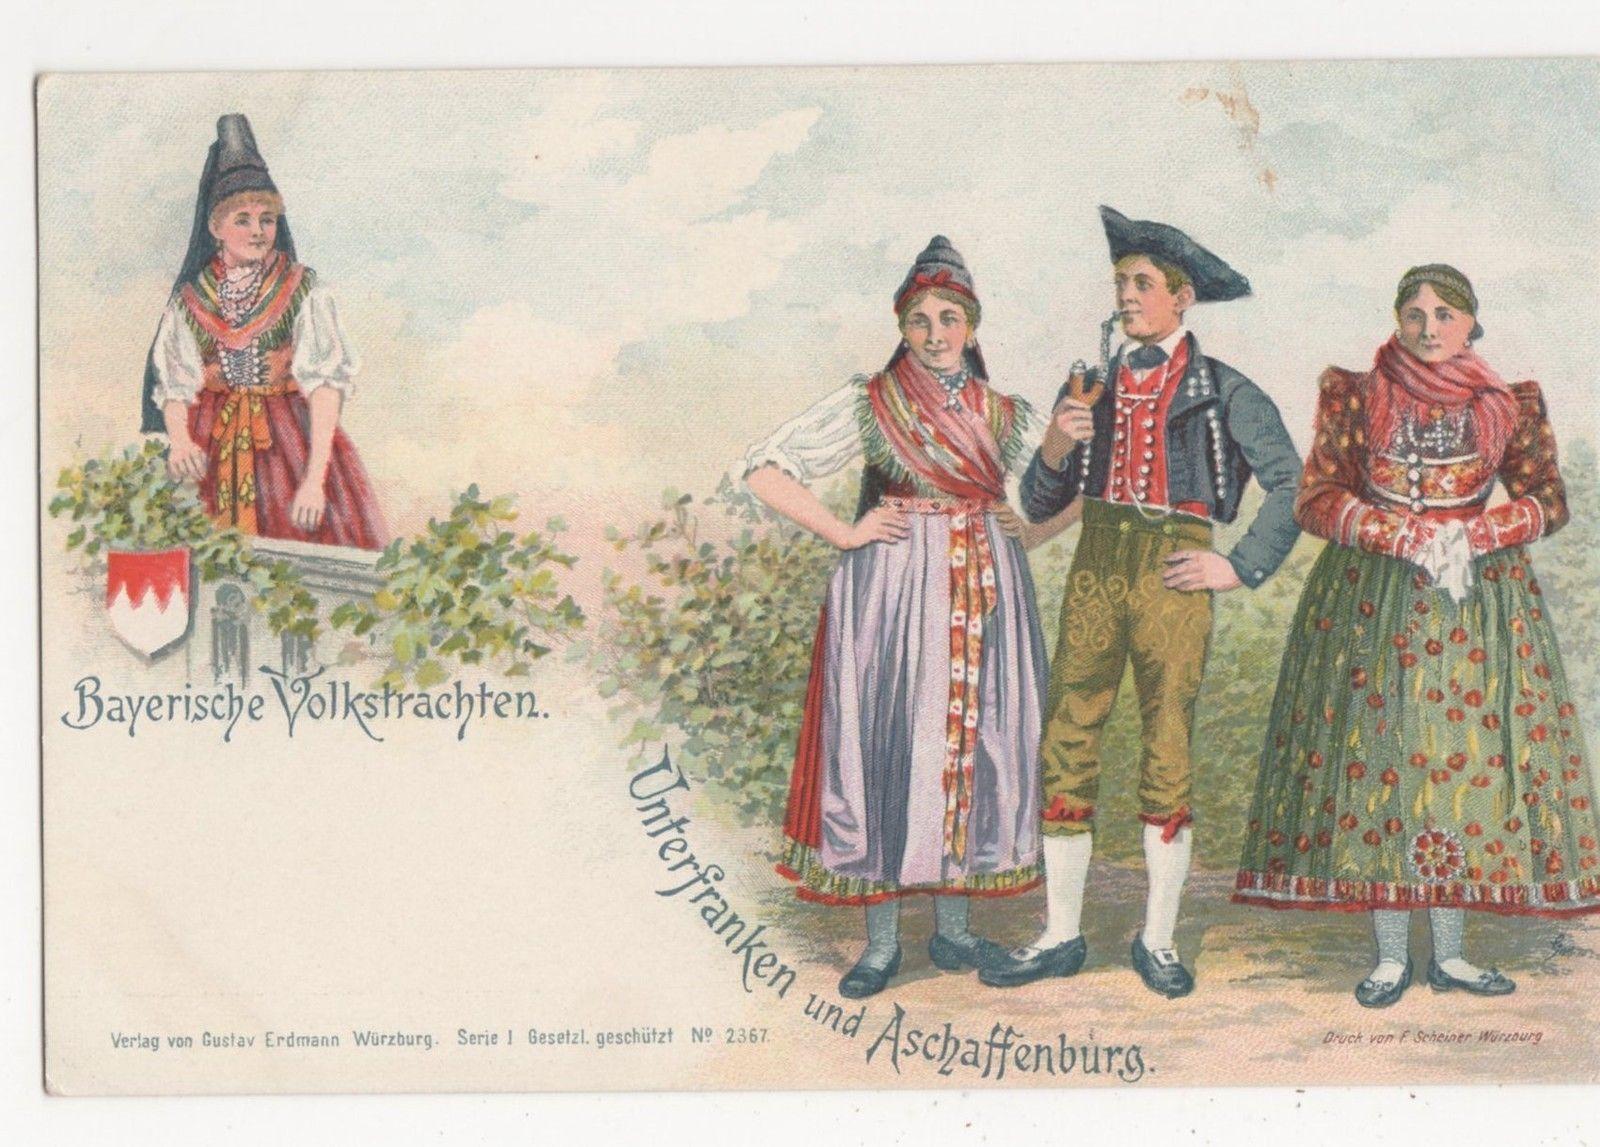 Germany Bayerische Volkstrachten Unterfranken u Aschaffenburg Postcard B016  eBay  Dirndls